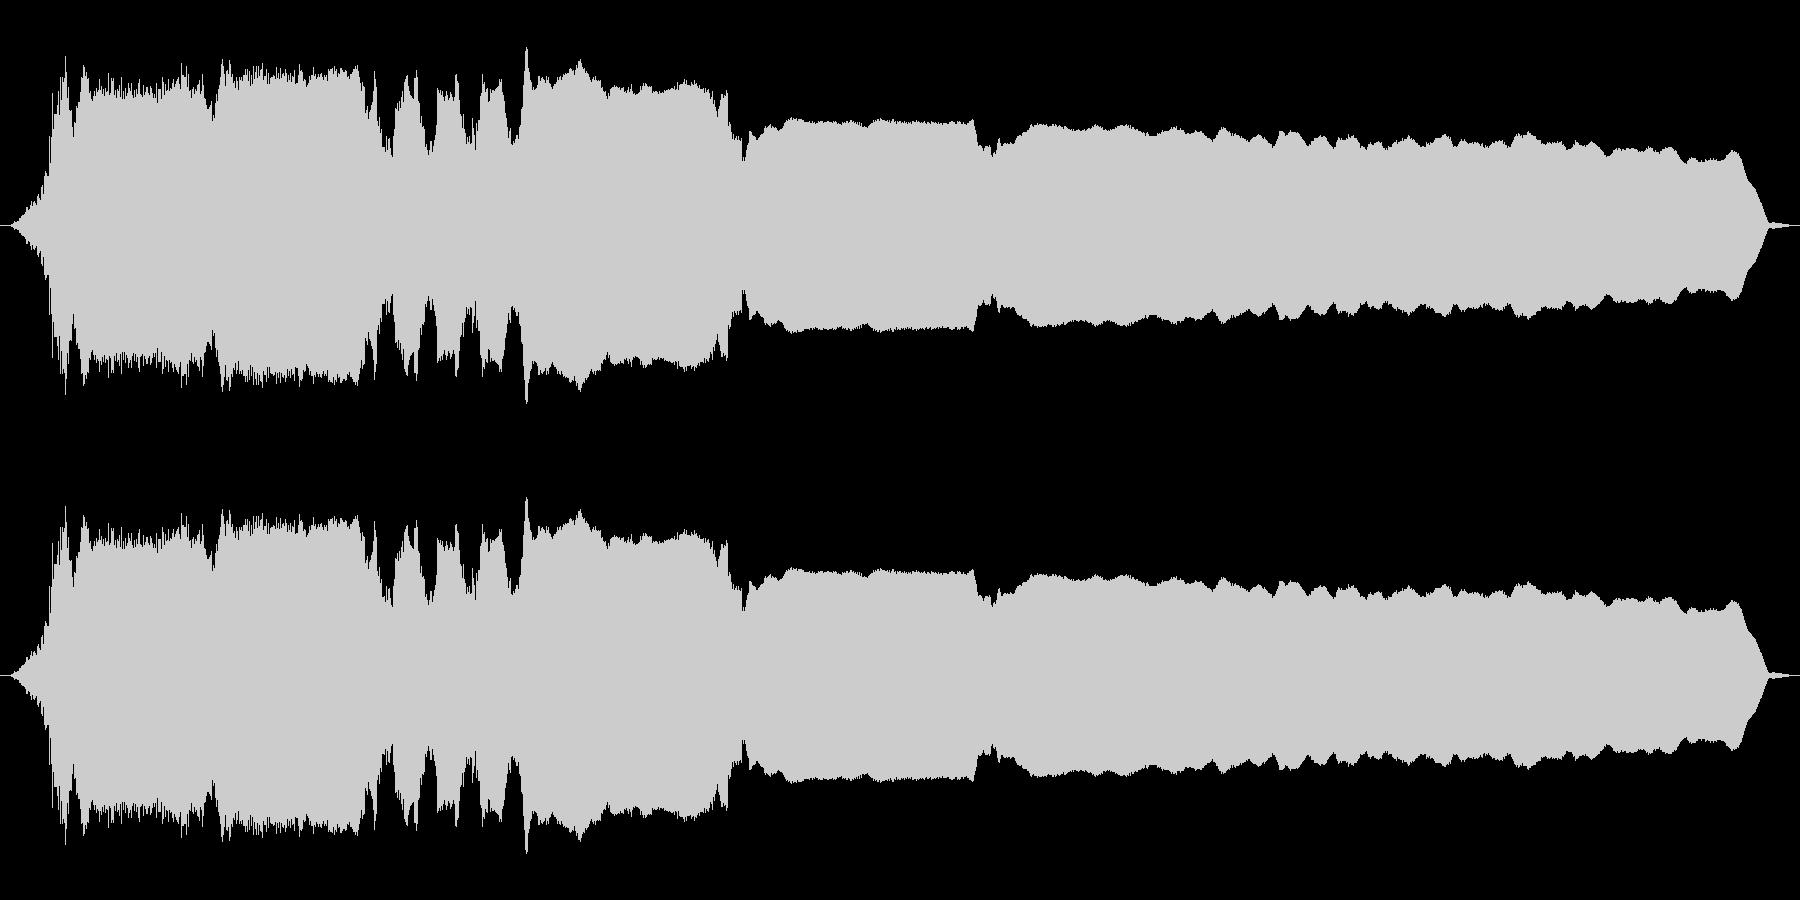 こぶし03(A)の未再生の波形